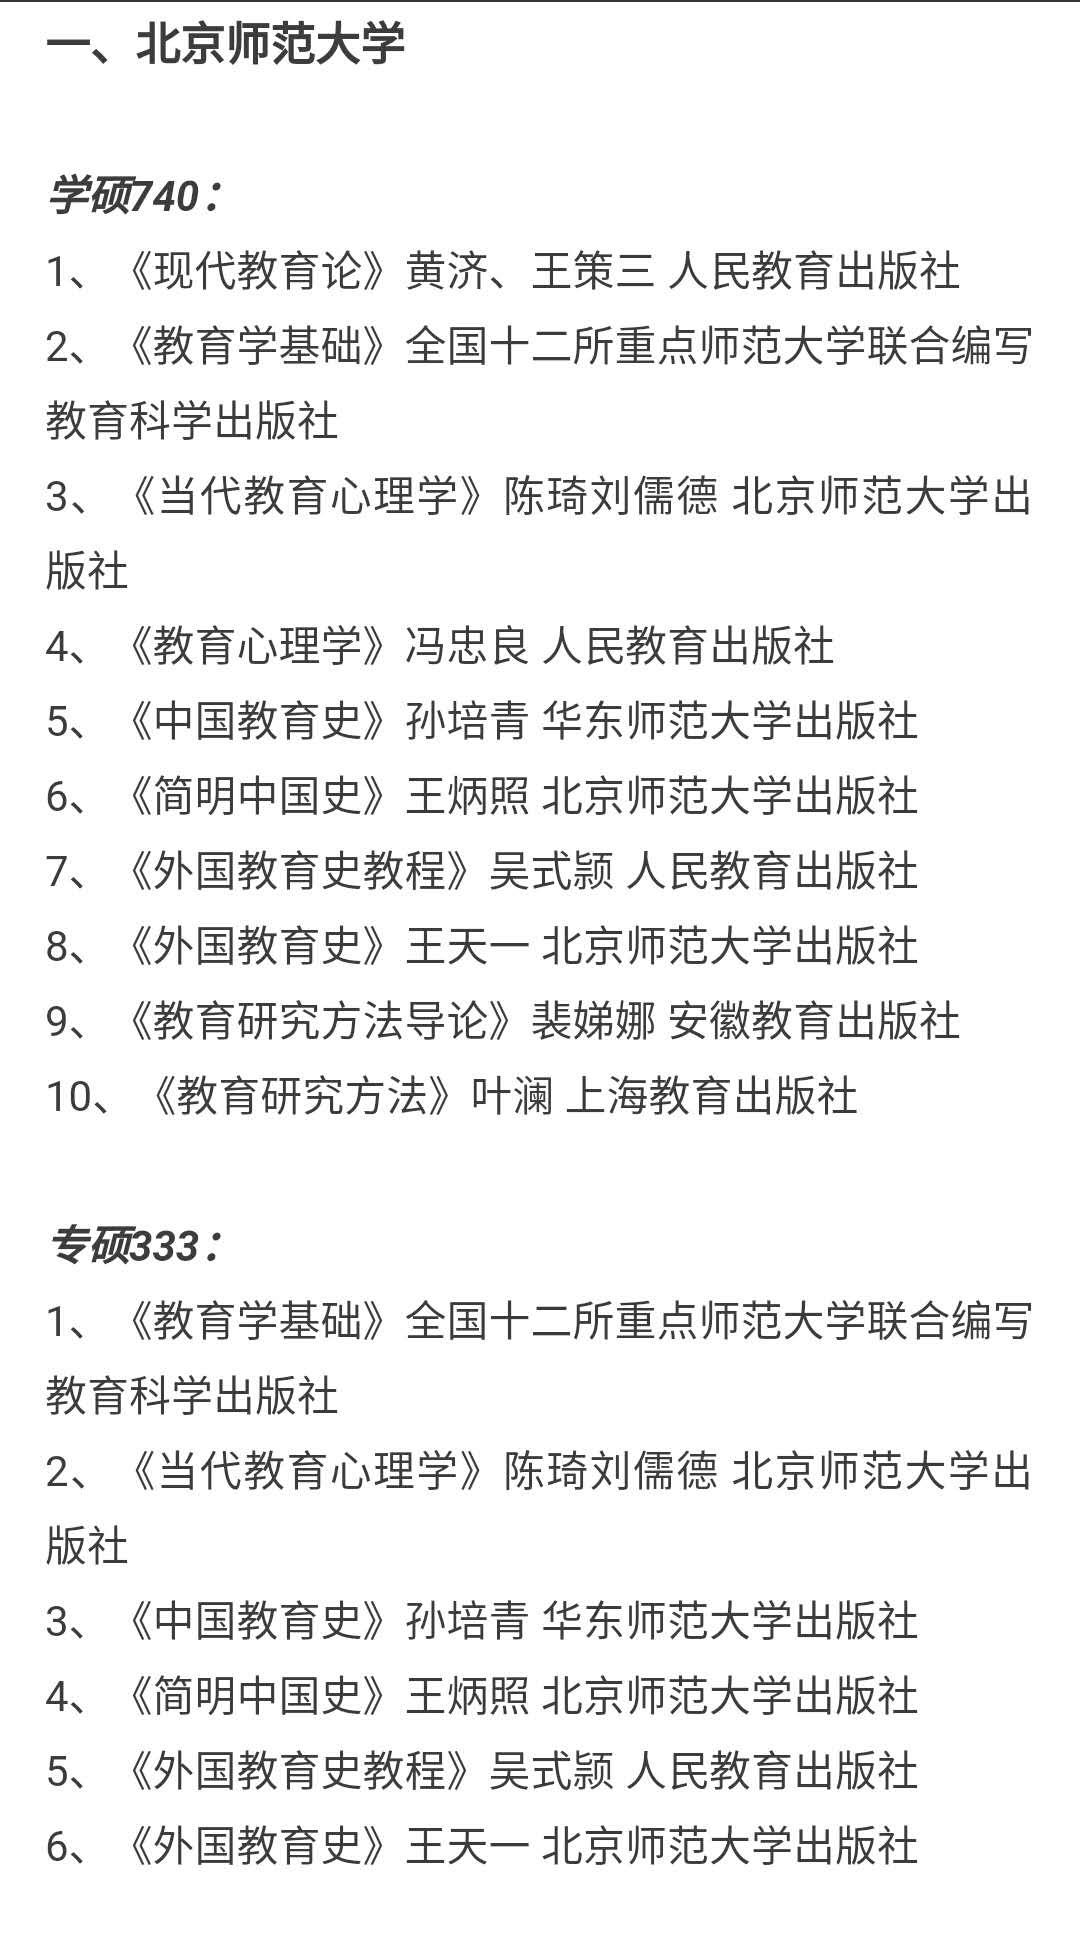 北京师范大学.jpg